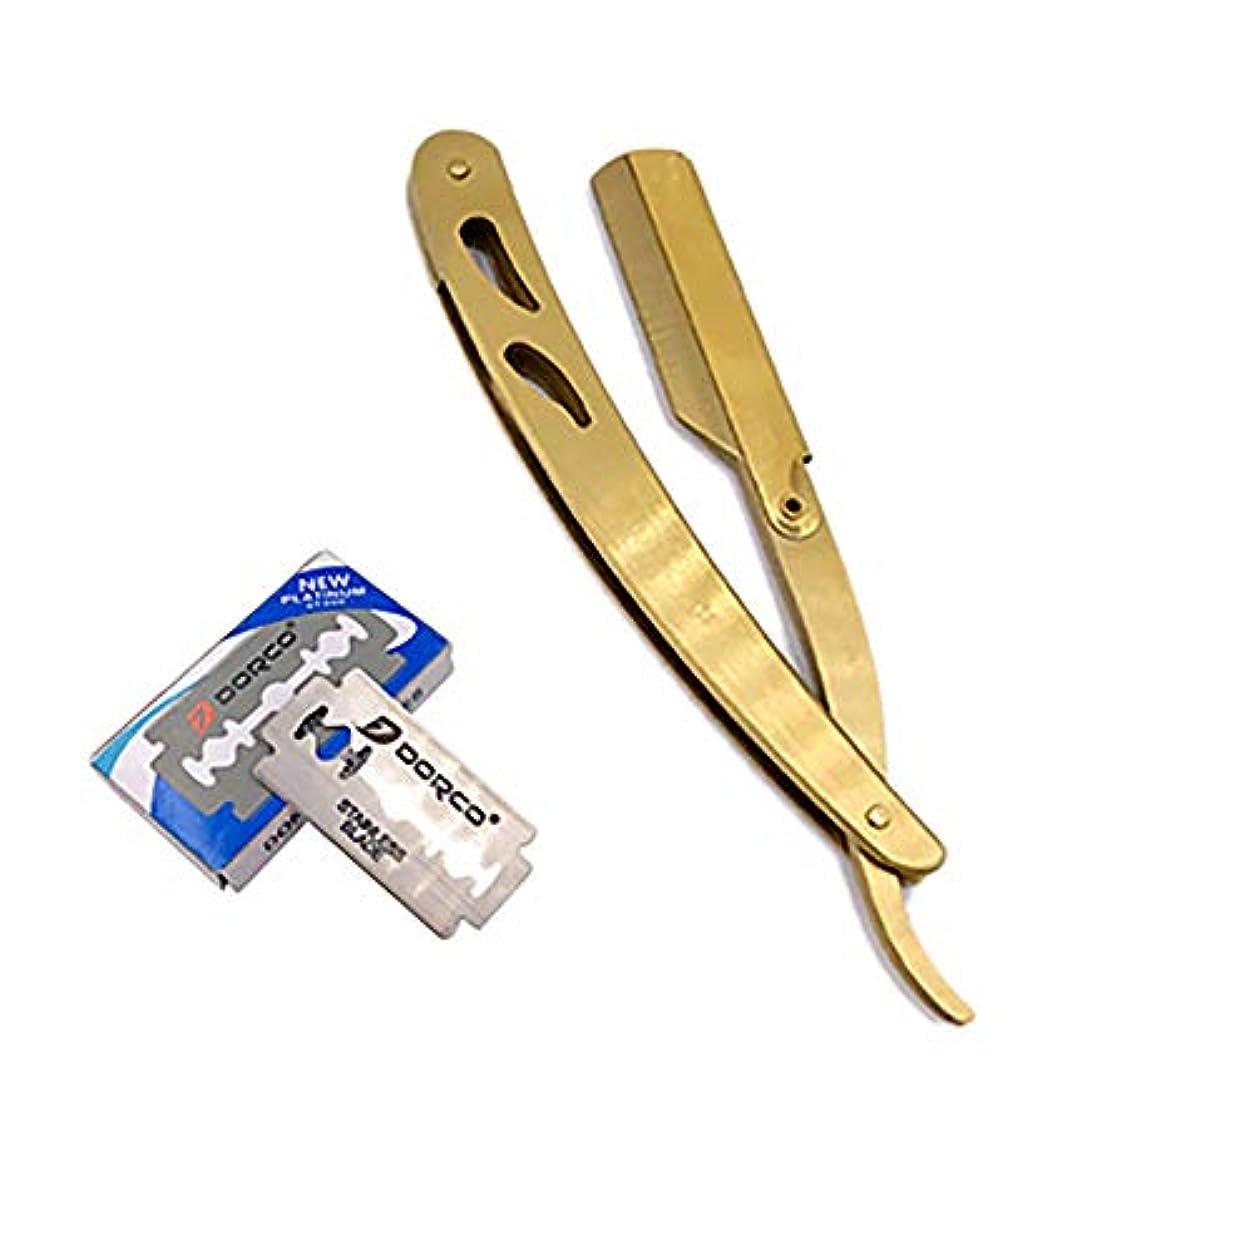 記念品要求機構ステンレス鋼ストレートかみそり、ストレートエッジかみそり折りたたみシェービングナイフマニュアルひげシェーバー理髪シェーバーツール,Gold